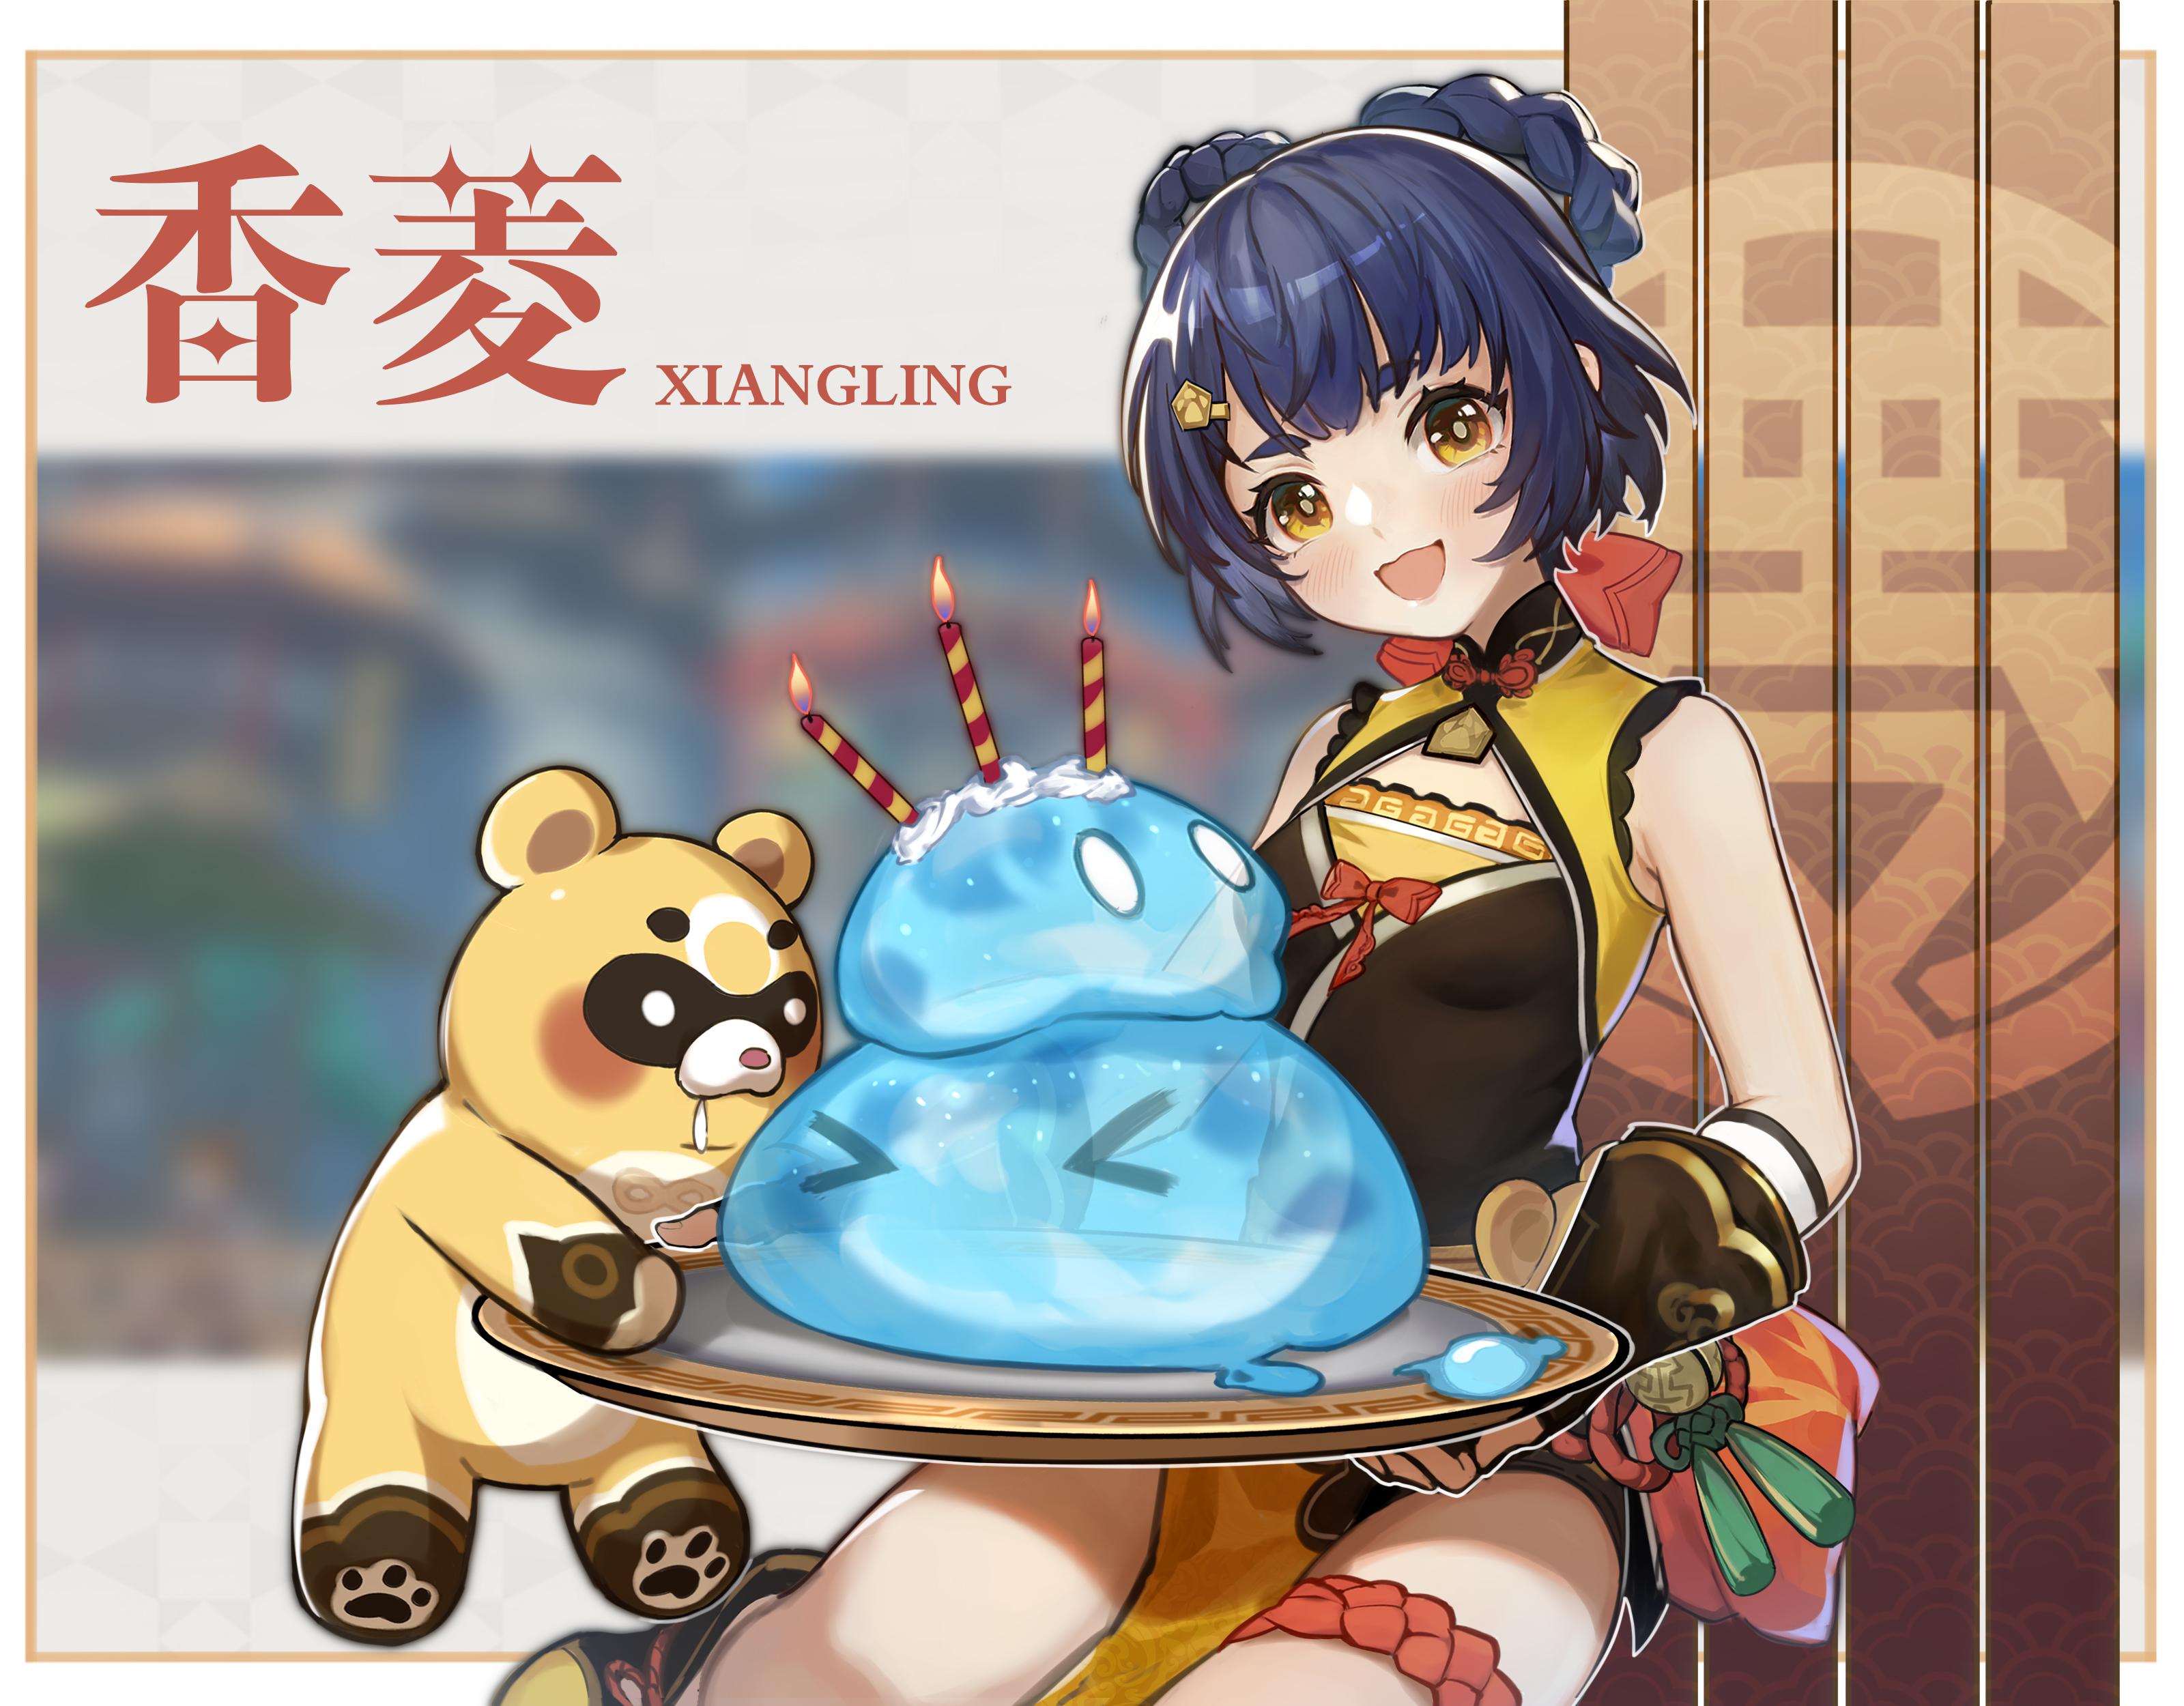 《原神》香菱生日贺图「超新鲜的史莱姆蛋糕,快来一起尝尝吧。」